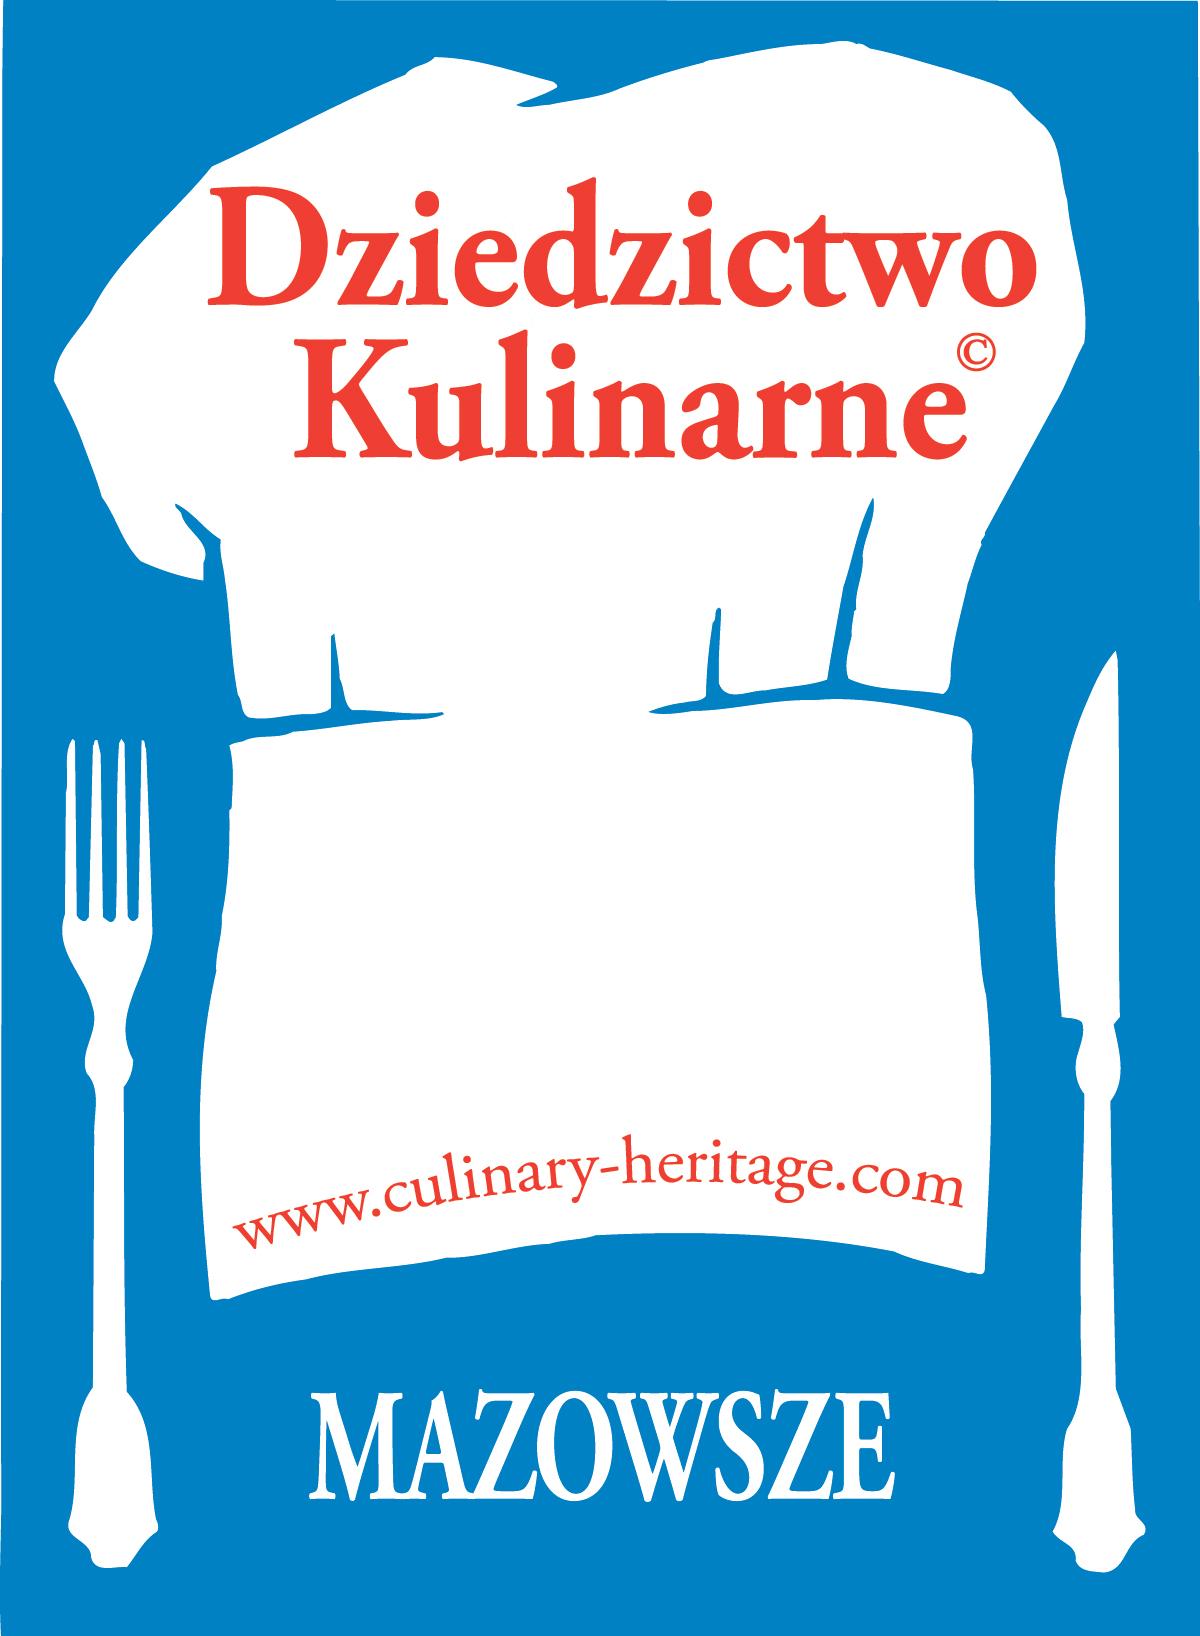 Dziedzictwo Kulinarne Mazowsze